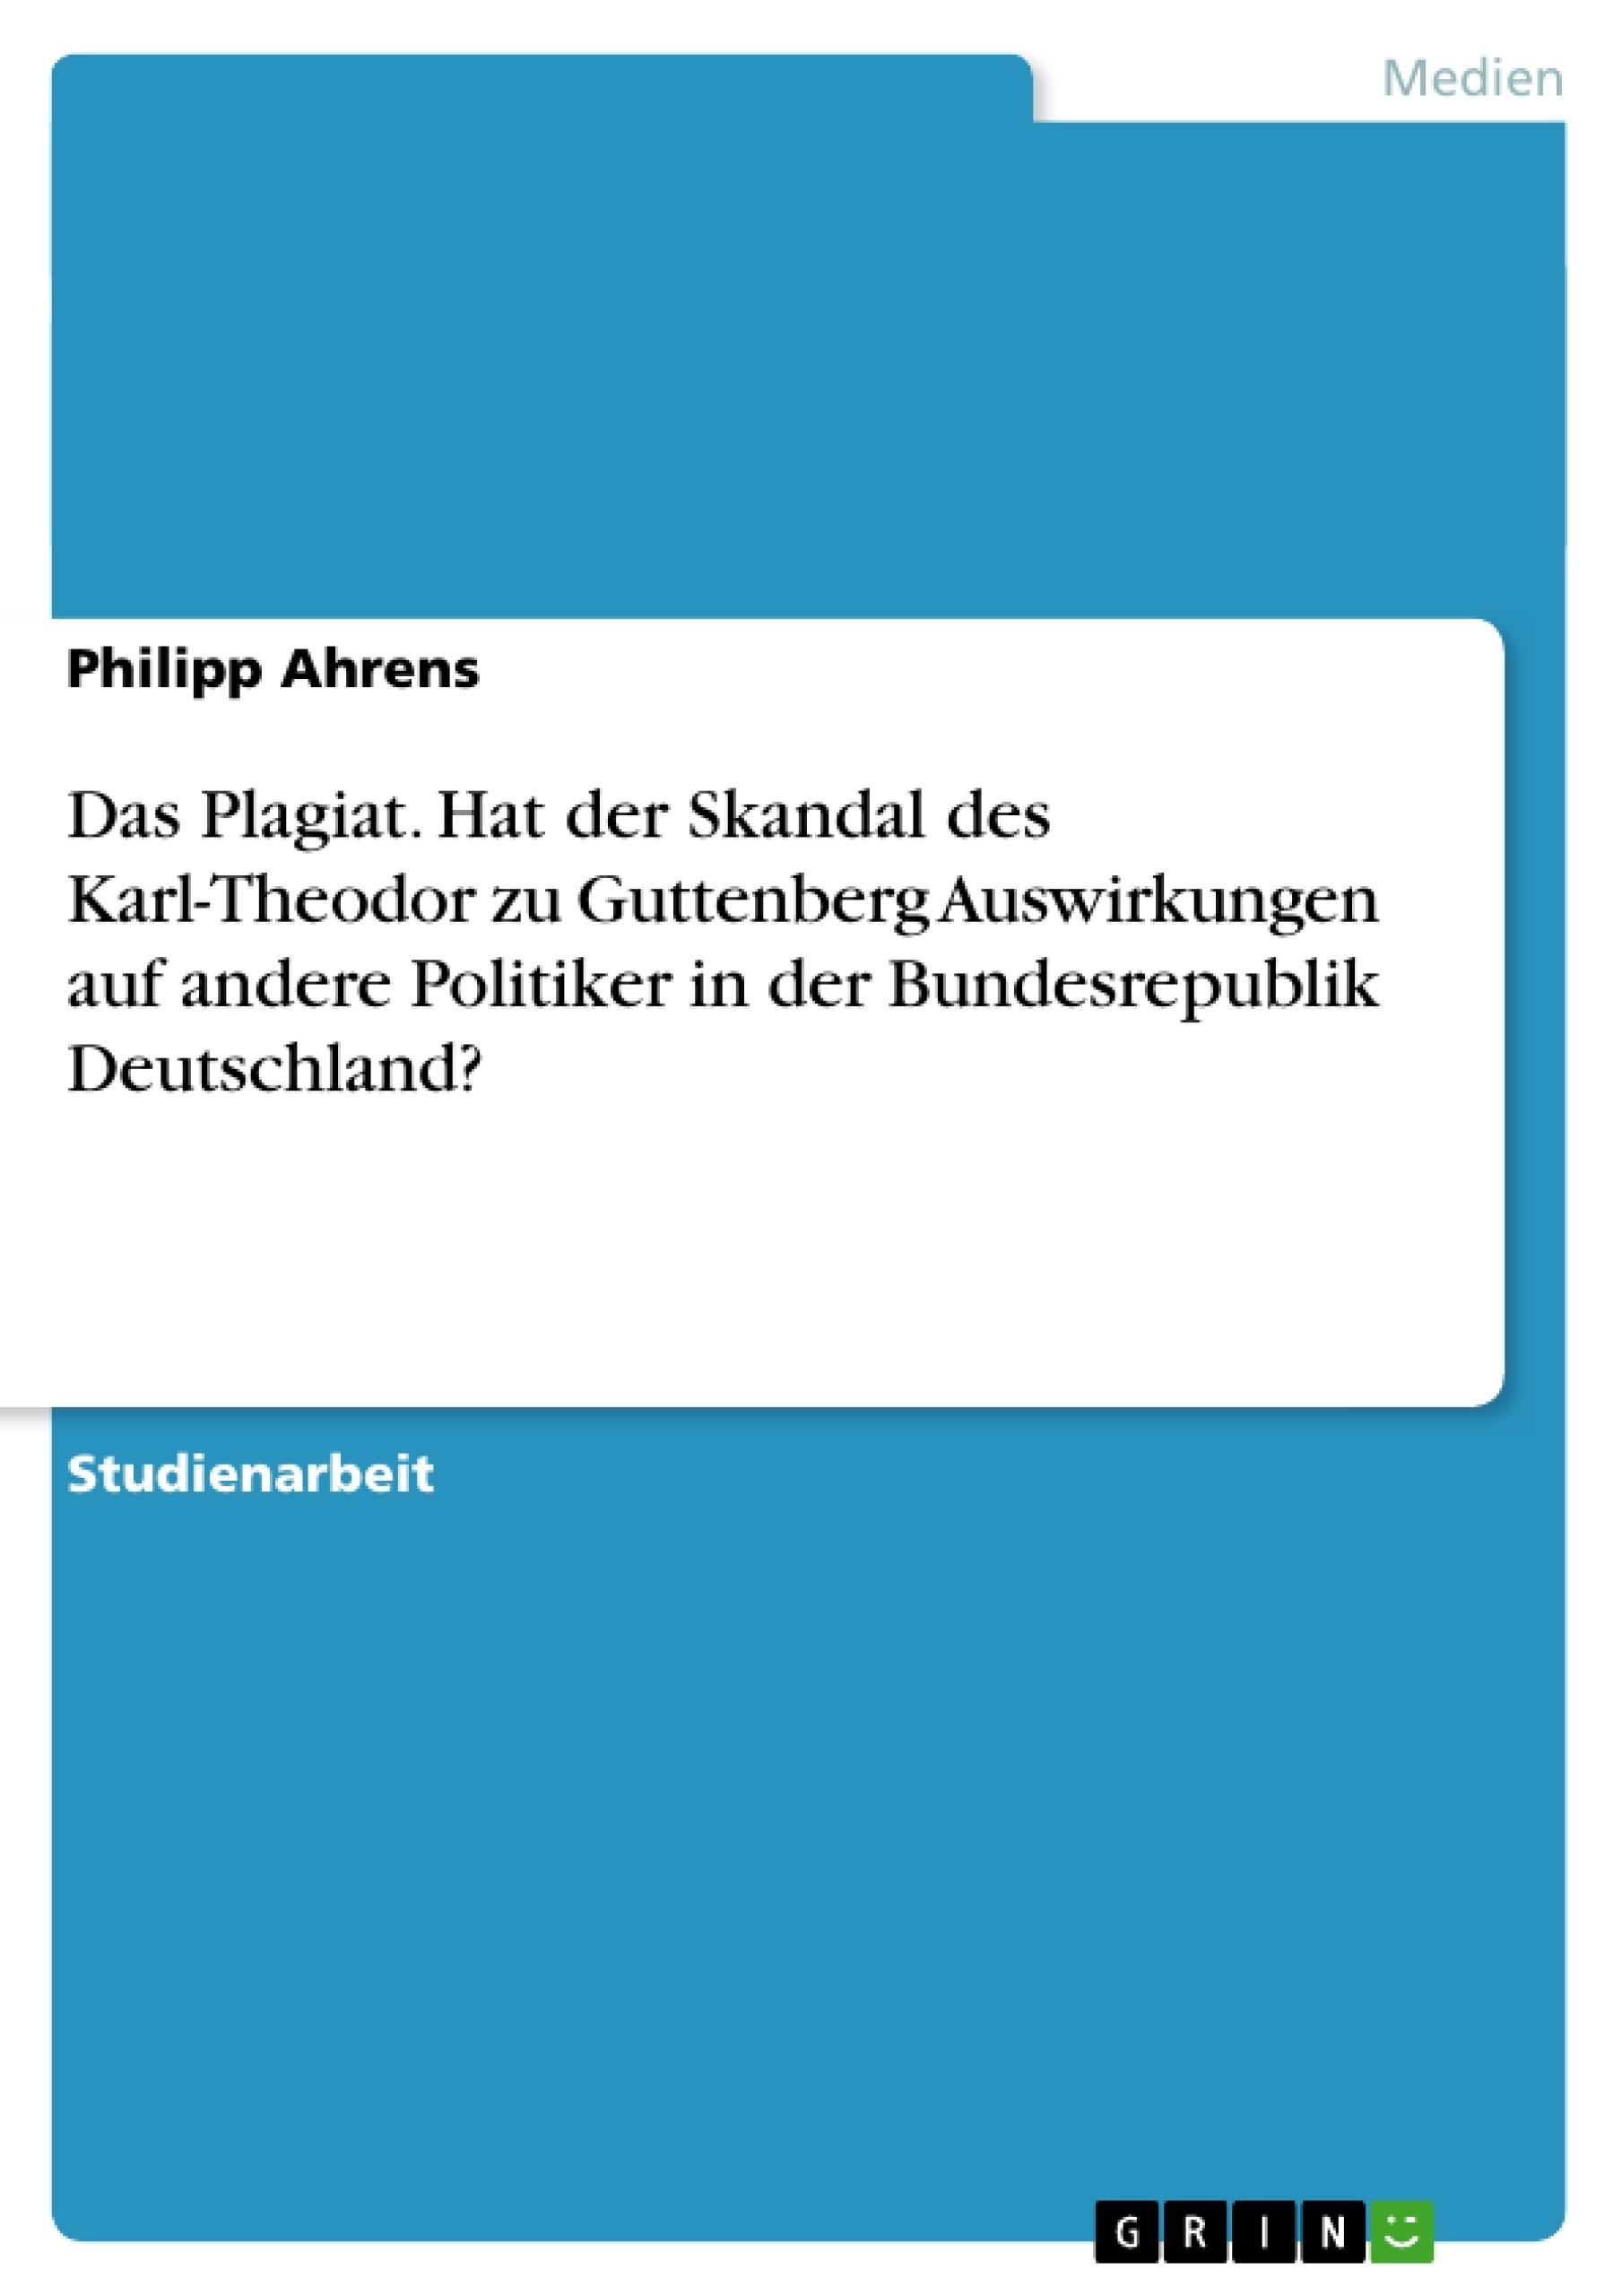 Titel: Das Plagiat. Hat der Skandal des Karl-Theodor zu Guttenberg Auswirkungen auf andere Politiker in der Bundesrepublik Deutschland?